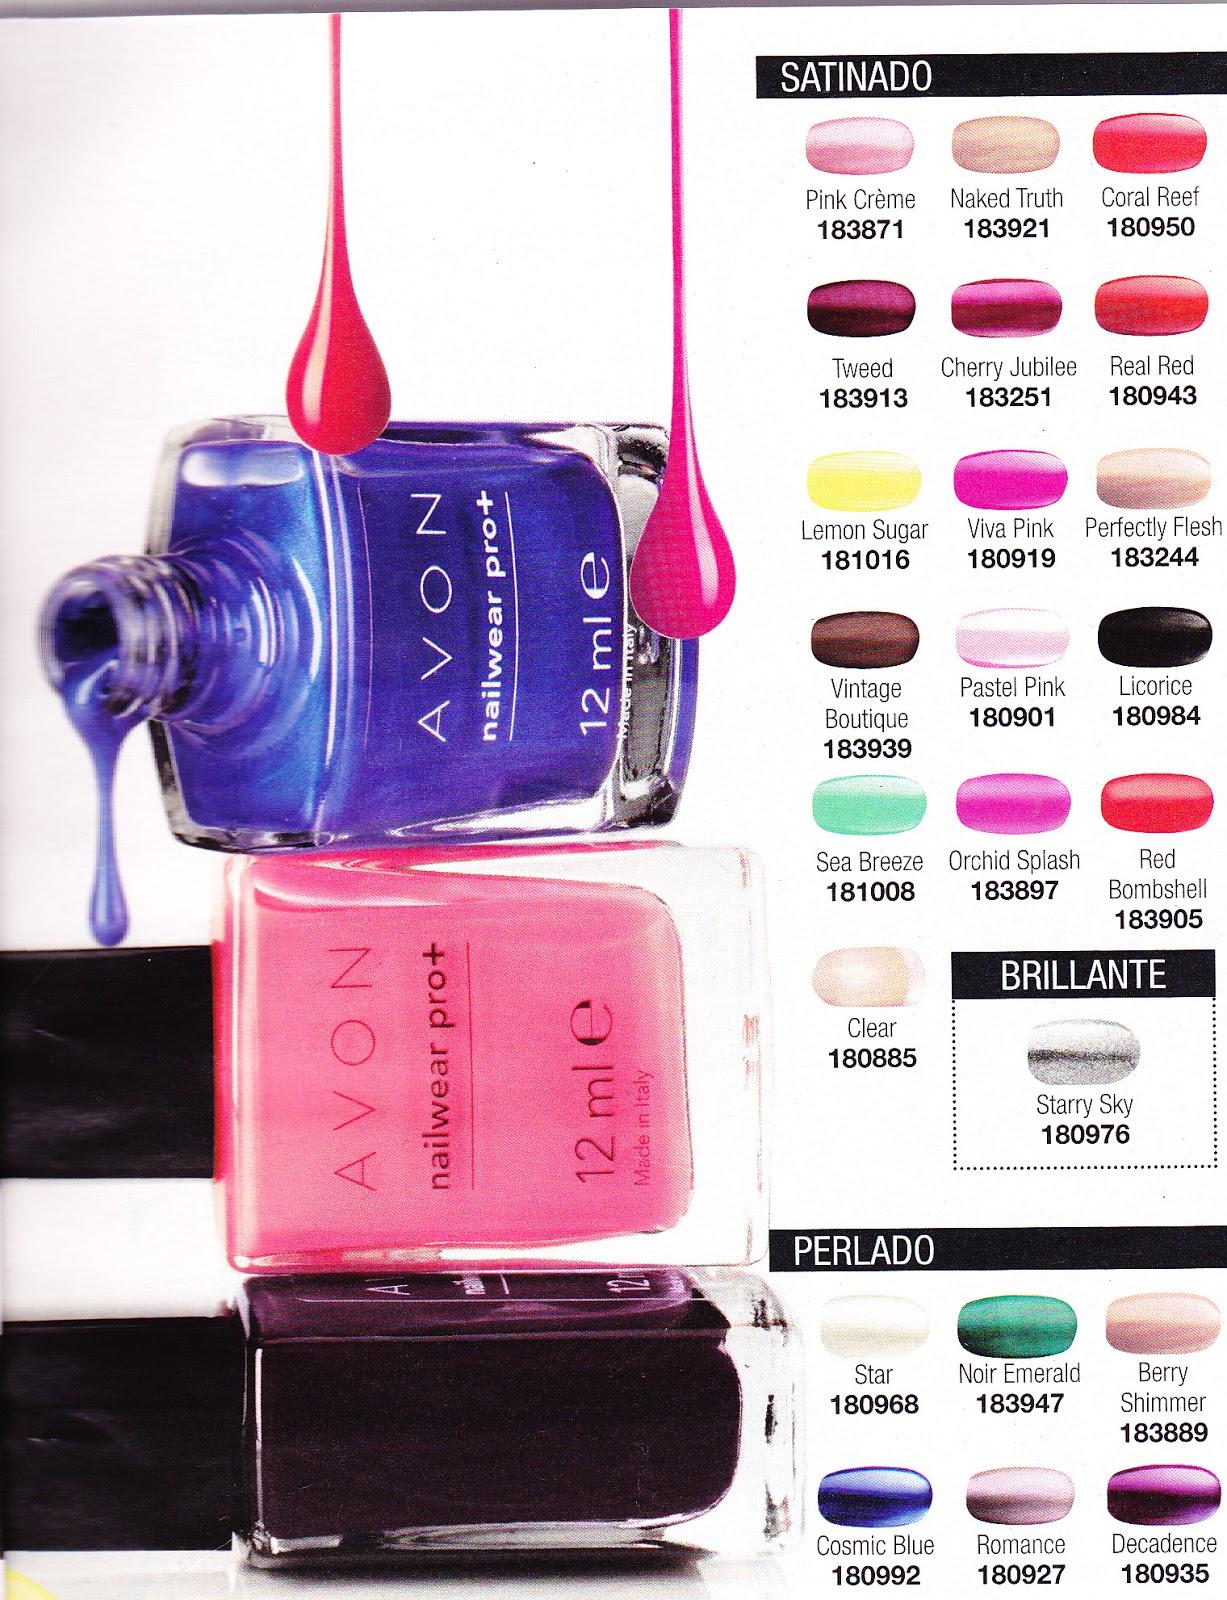 Todo Sobre Avon Colores Duraderos Con El Esmalte De Uñas